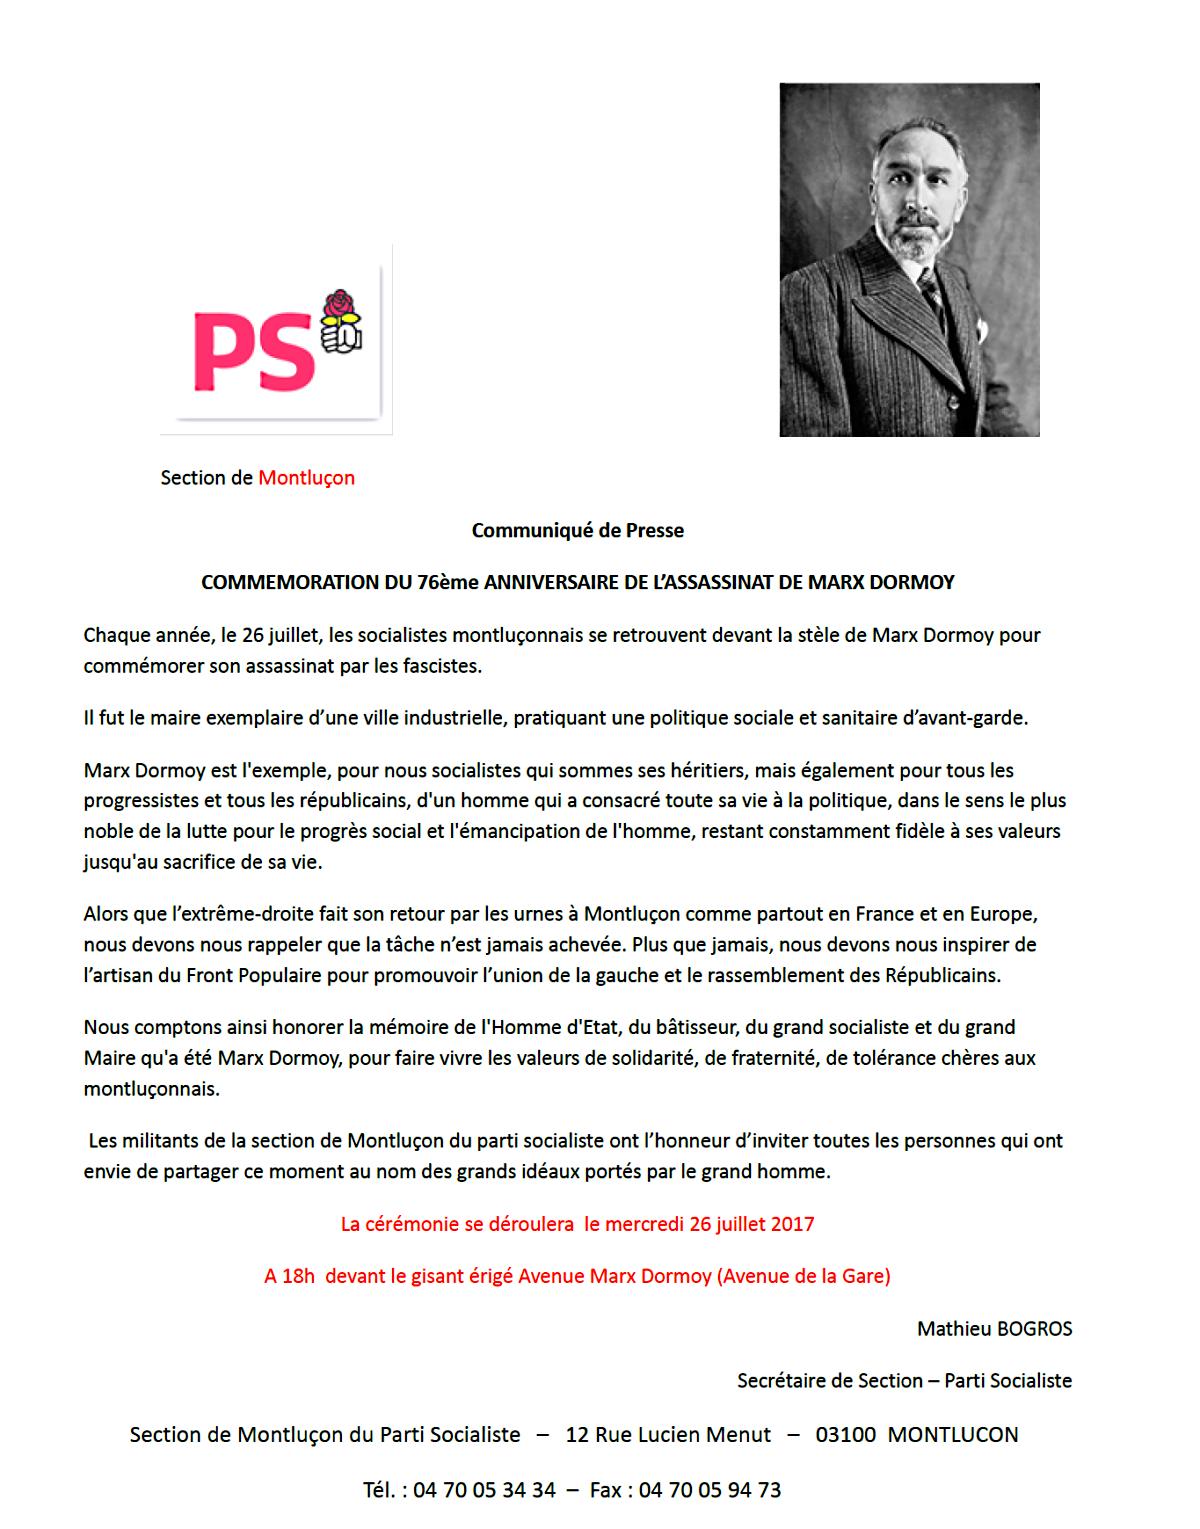 Commémoration du 76em anniversaire de l'assassinat de Marx Dormoy